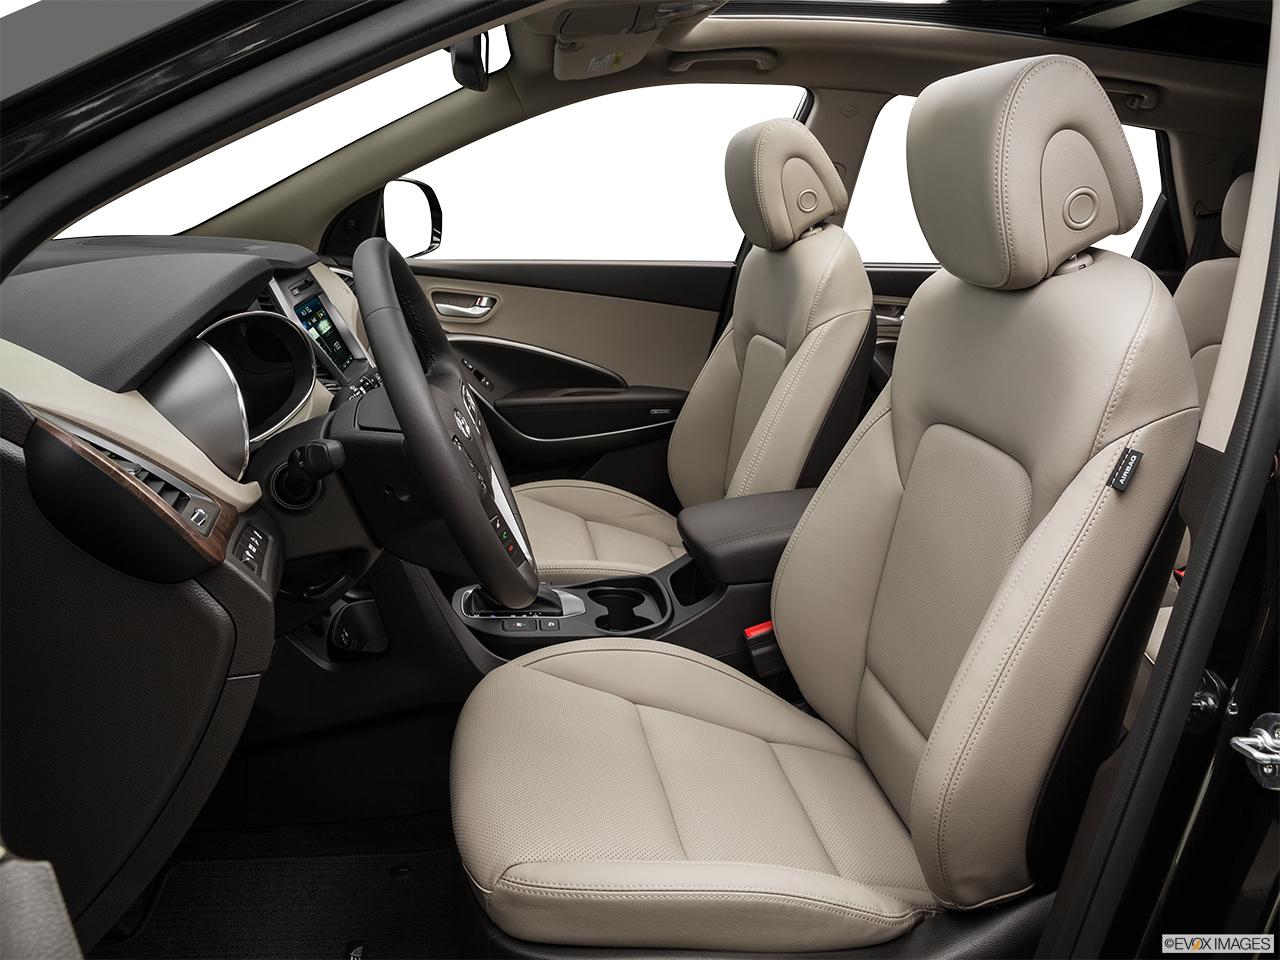 Hyundai Grand Santa Fe 2018 3.3L AWD Top in Oman: New Car ...